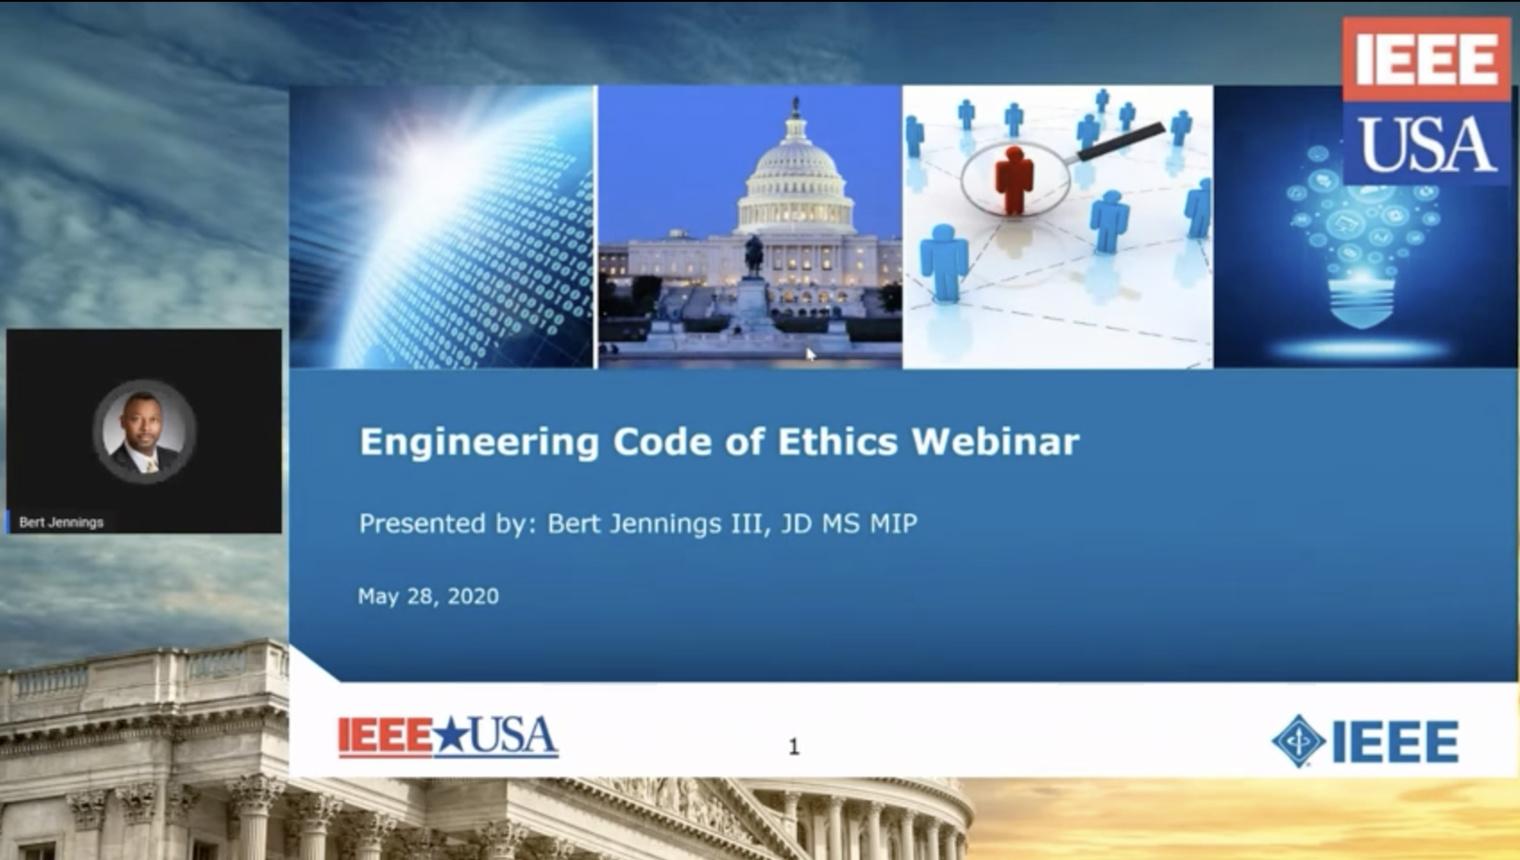 Engineering Code of Ethics